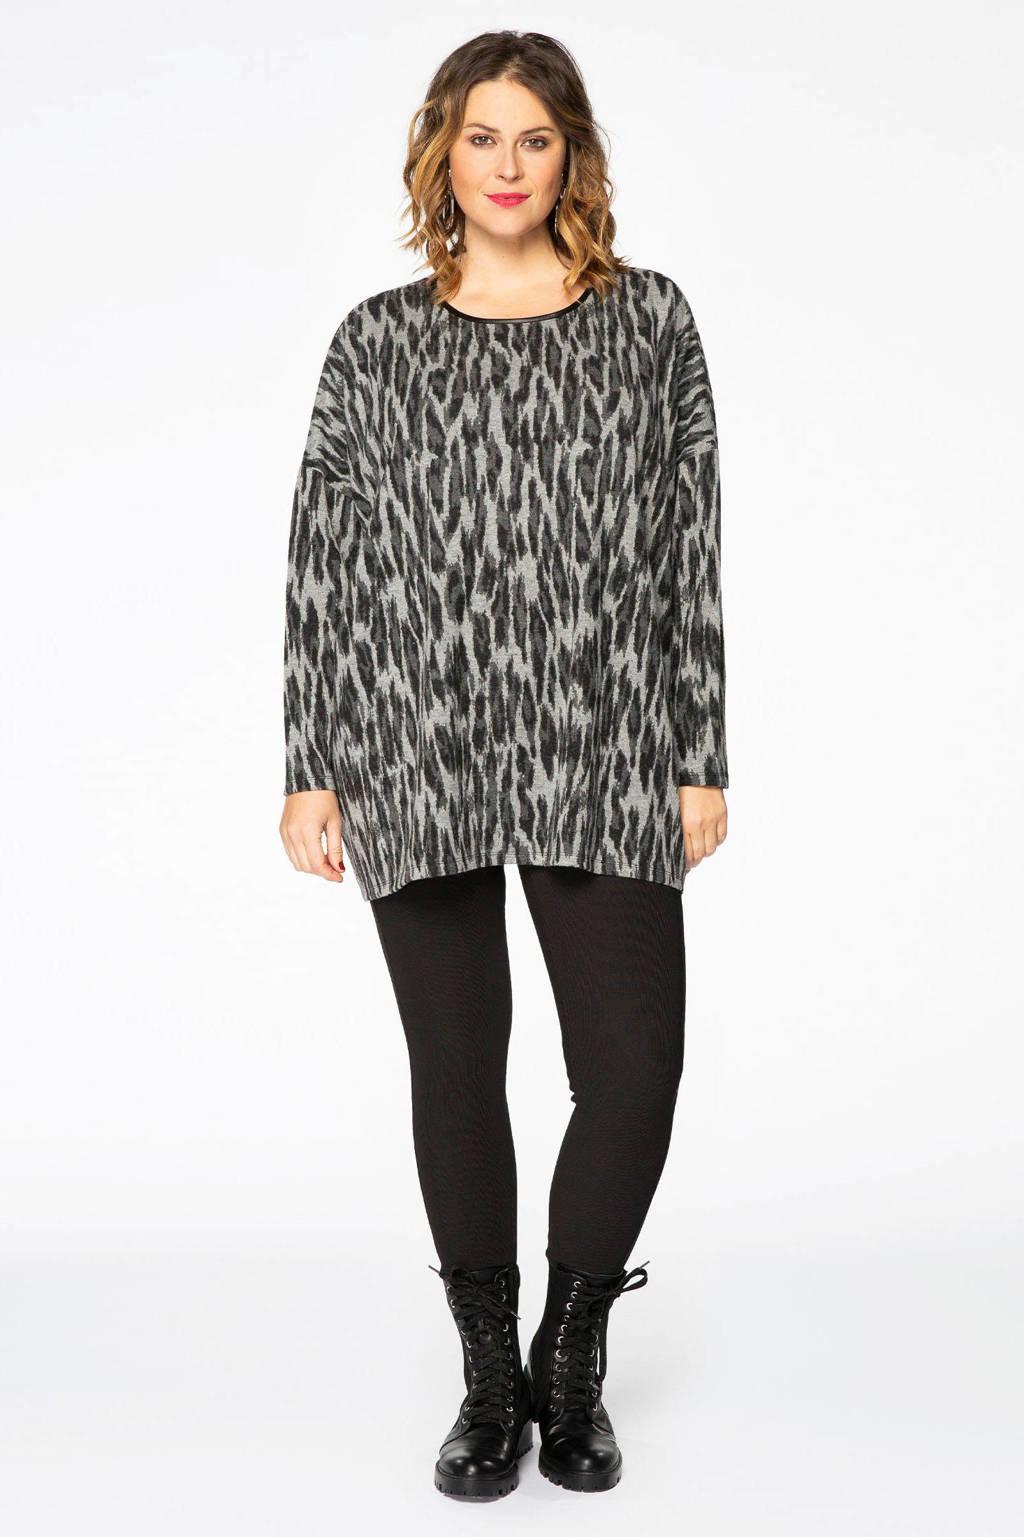 Yoek trui met dierenprint grijs/donkergrijs/zwart, Grijs/Donkergrijs/Zwart